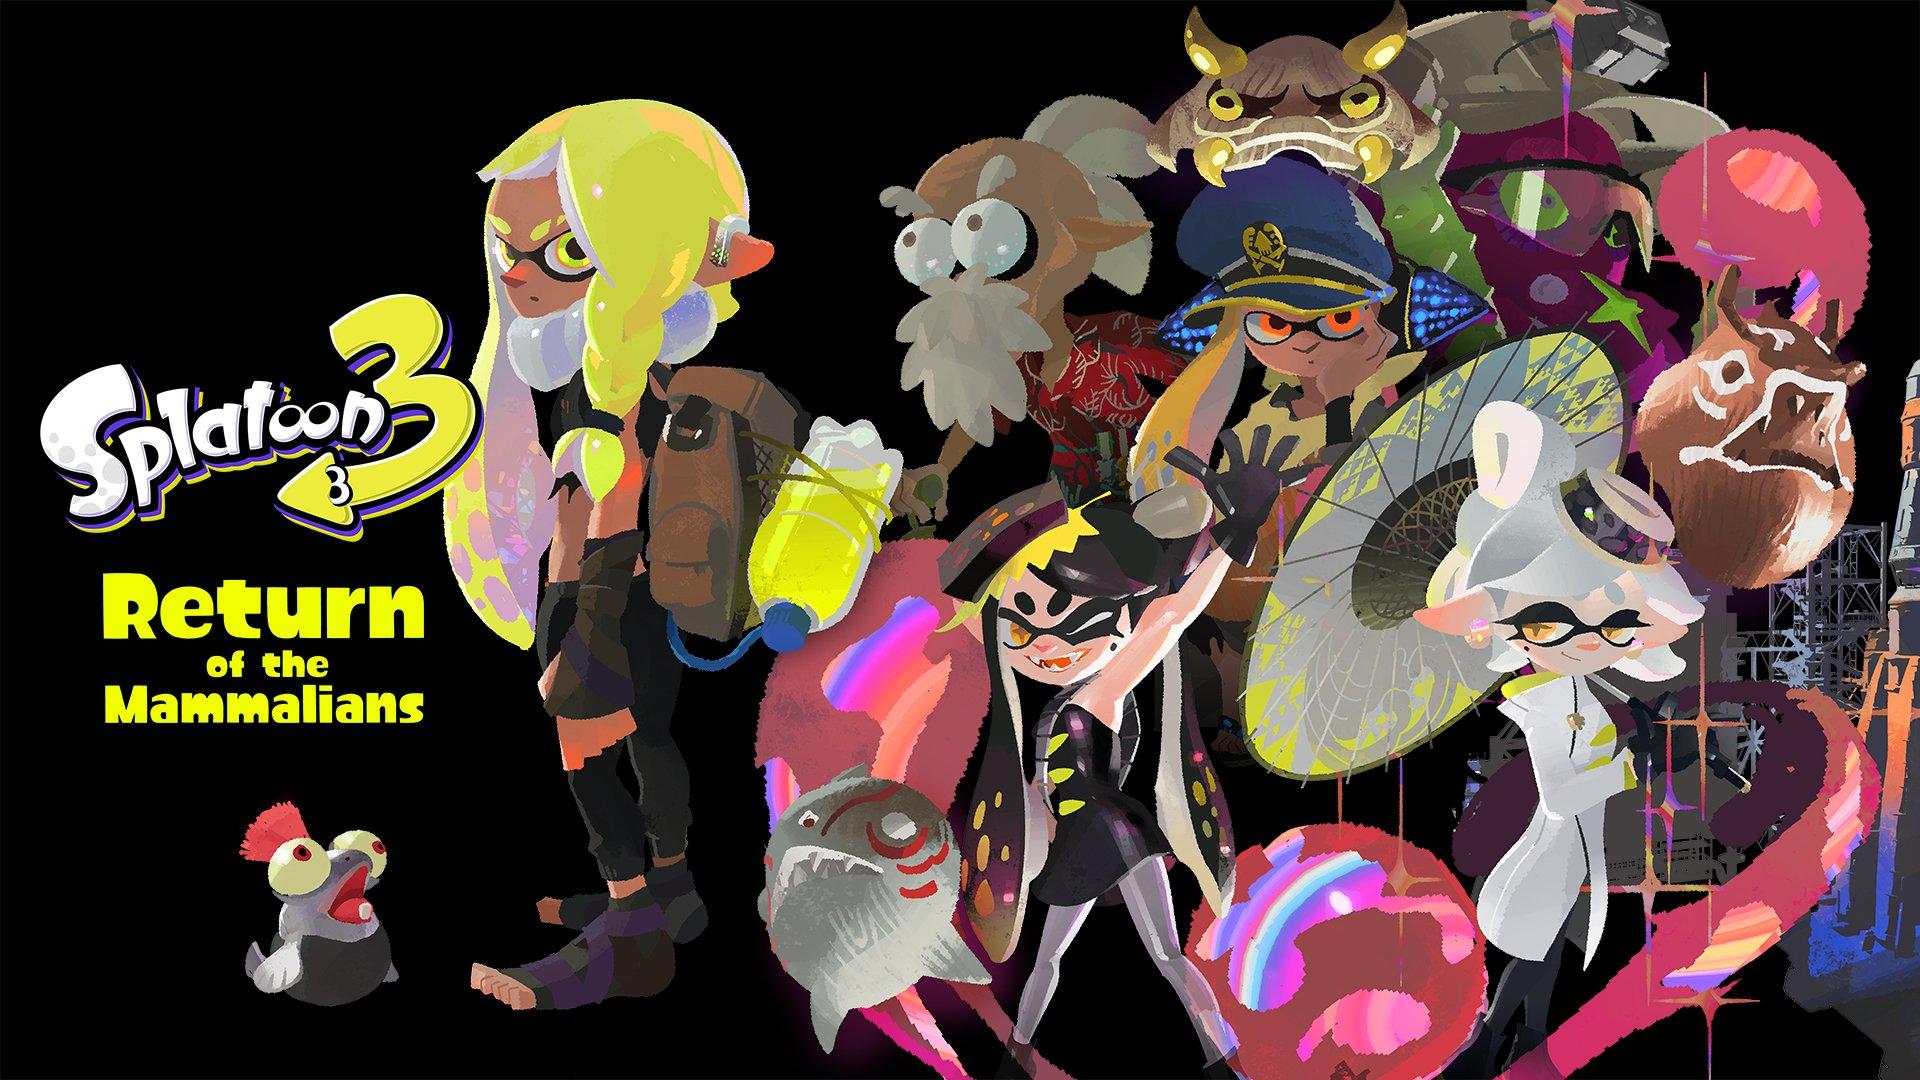 Nintendo Direct : Splatoon 3 de retour en vidéo et images inédites